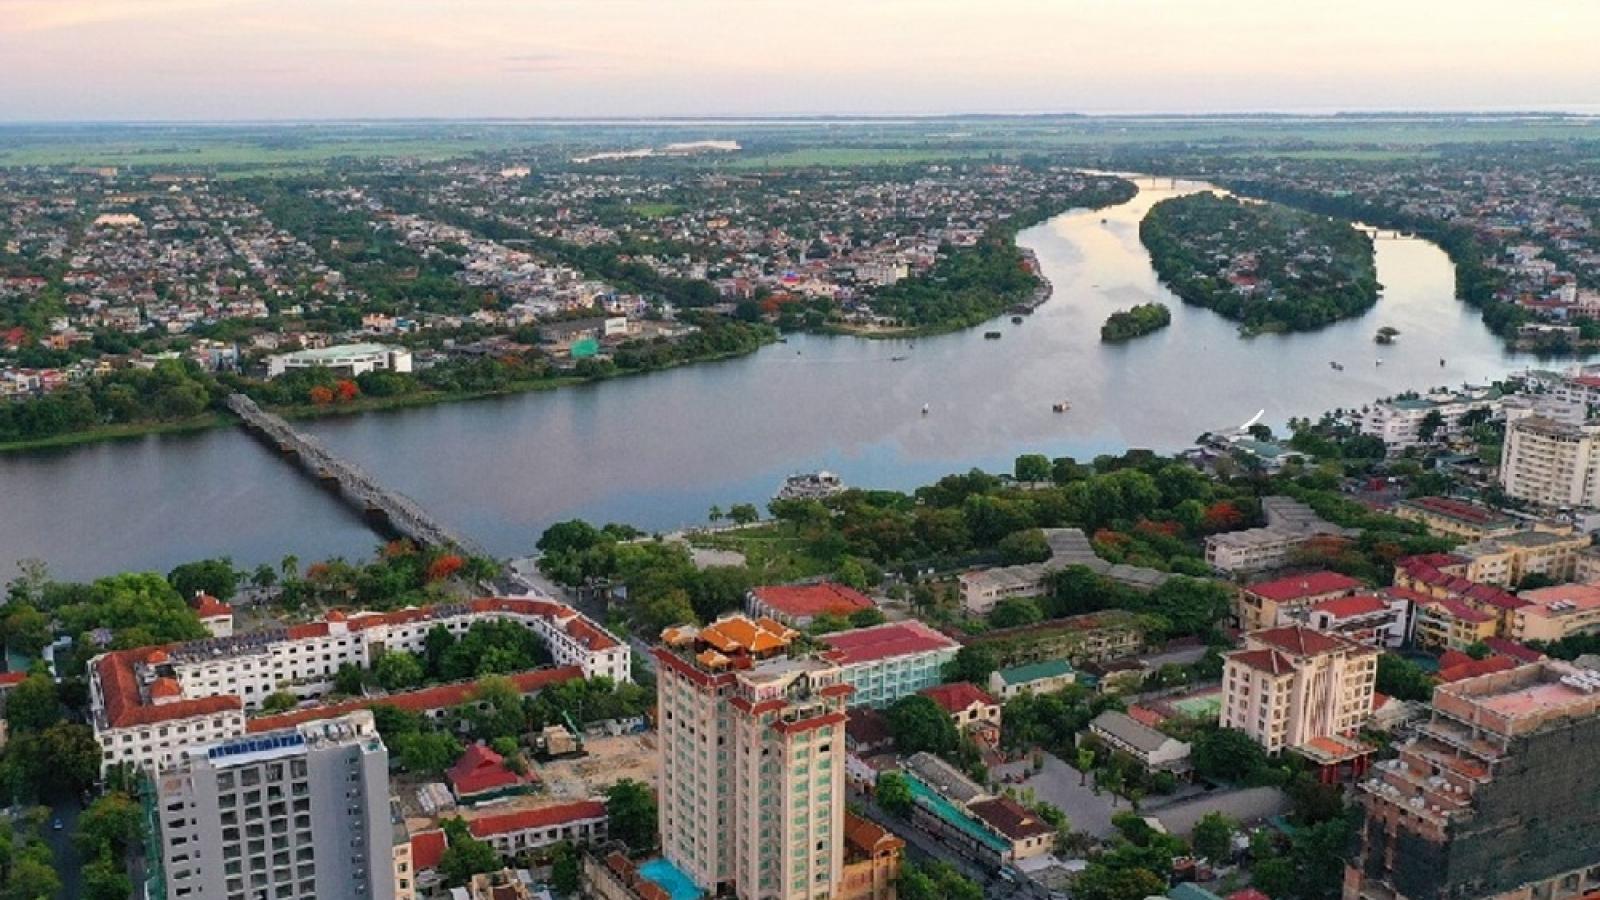 Thành phố Huế mở rộng, cơ hội mới tạo bứt phá vươn lên